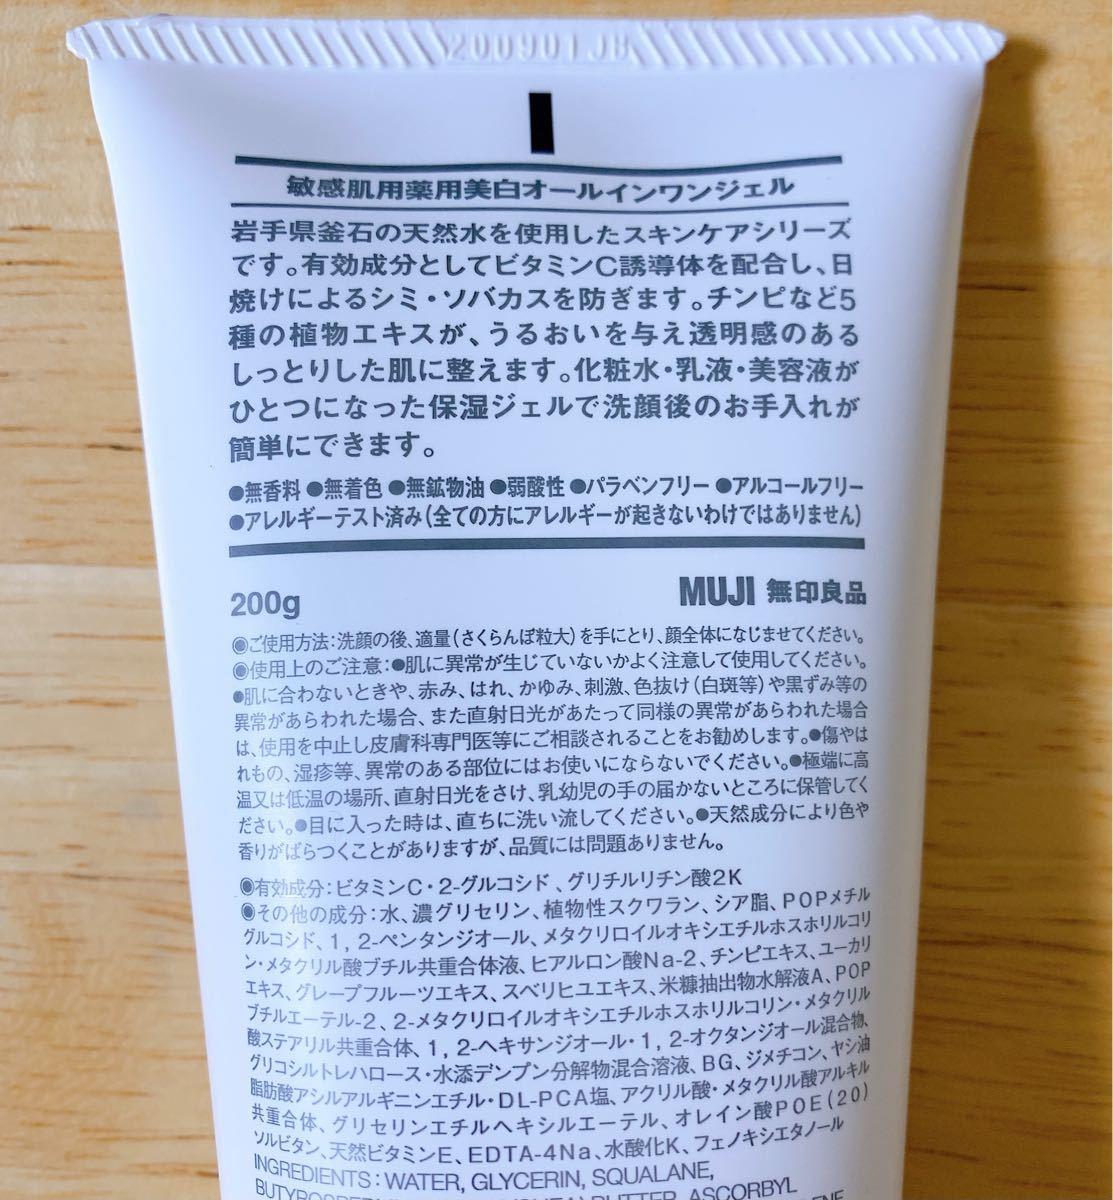 【本日発送】400g 無印良品 MUJI  敏感肌用薬用美白オールインワンジェル(大容量)200g×2本 400g